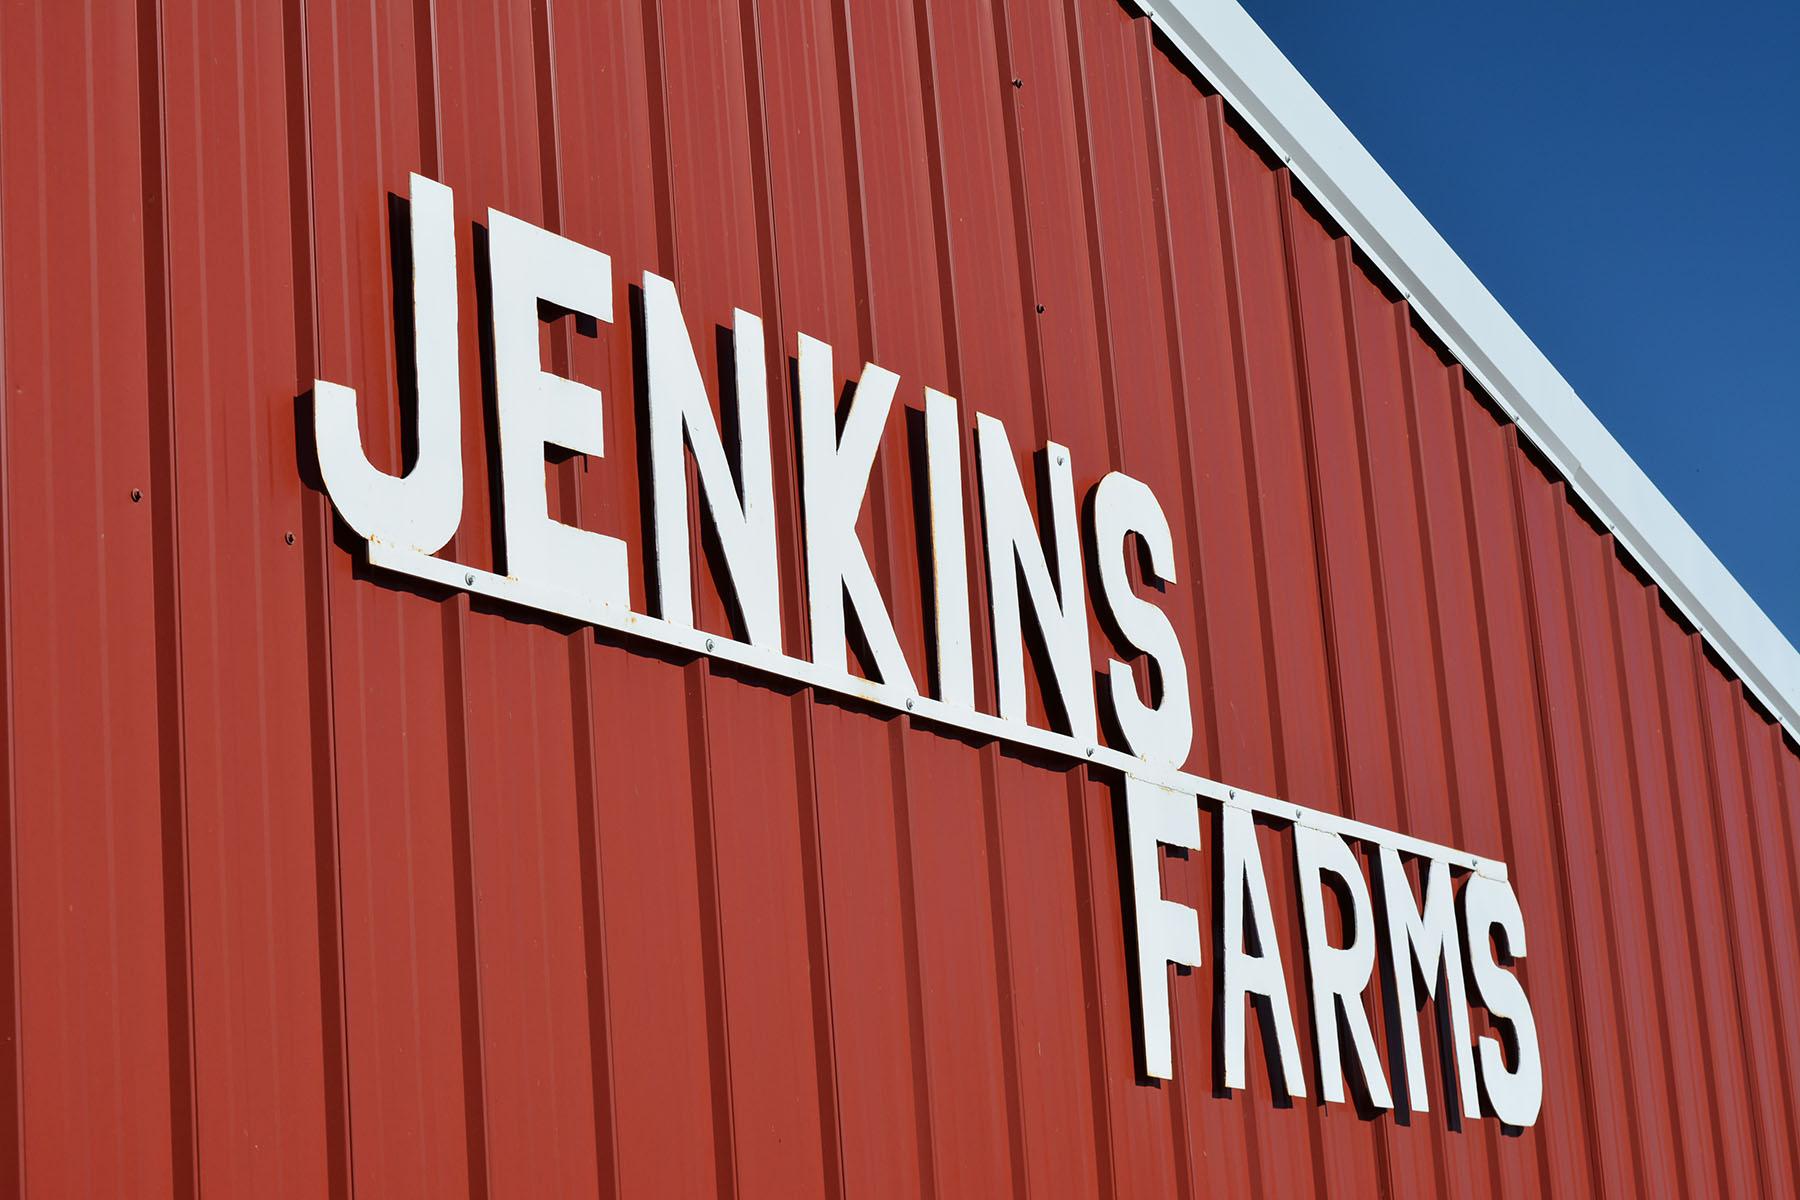 Jenkins Farms